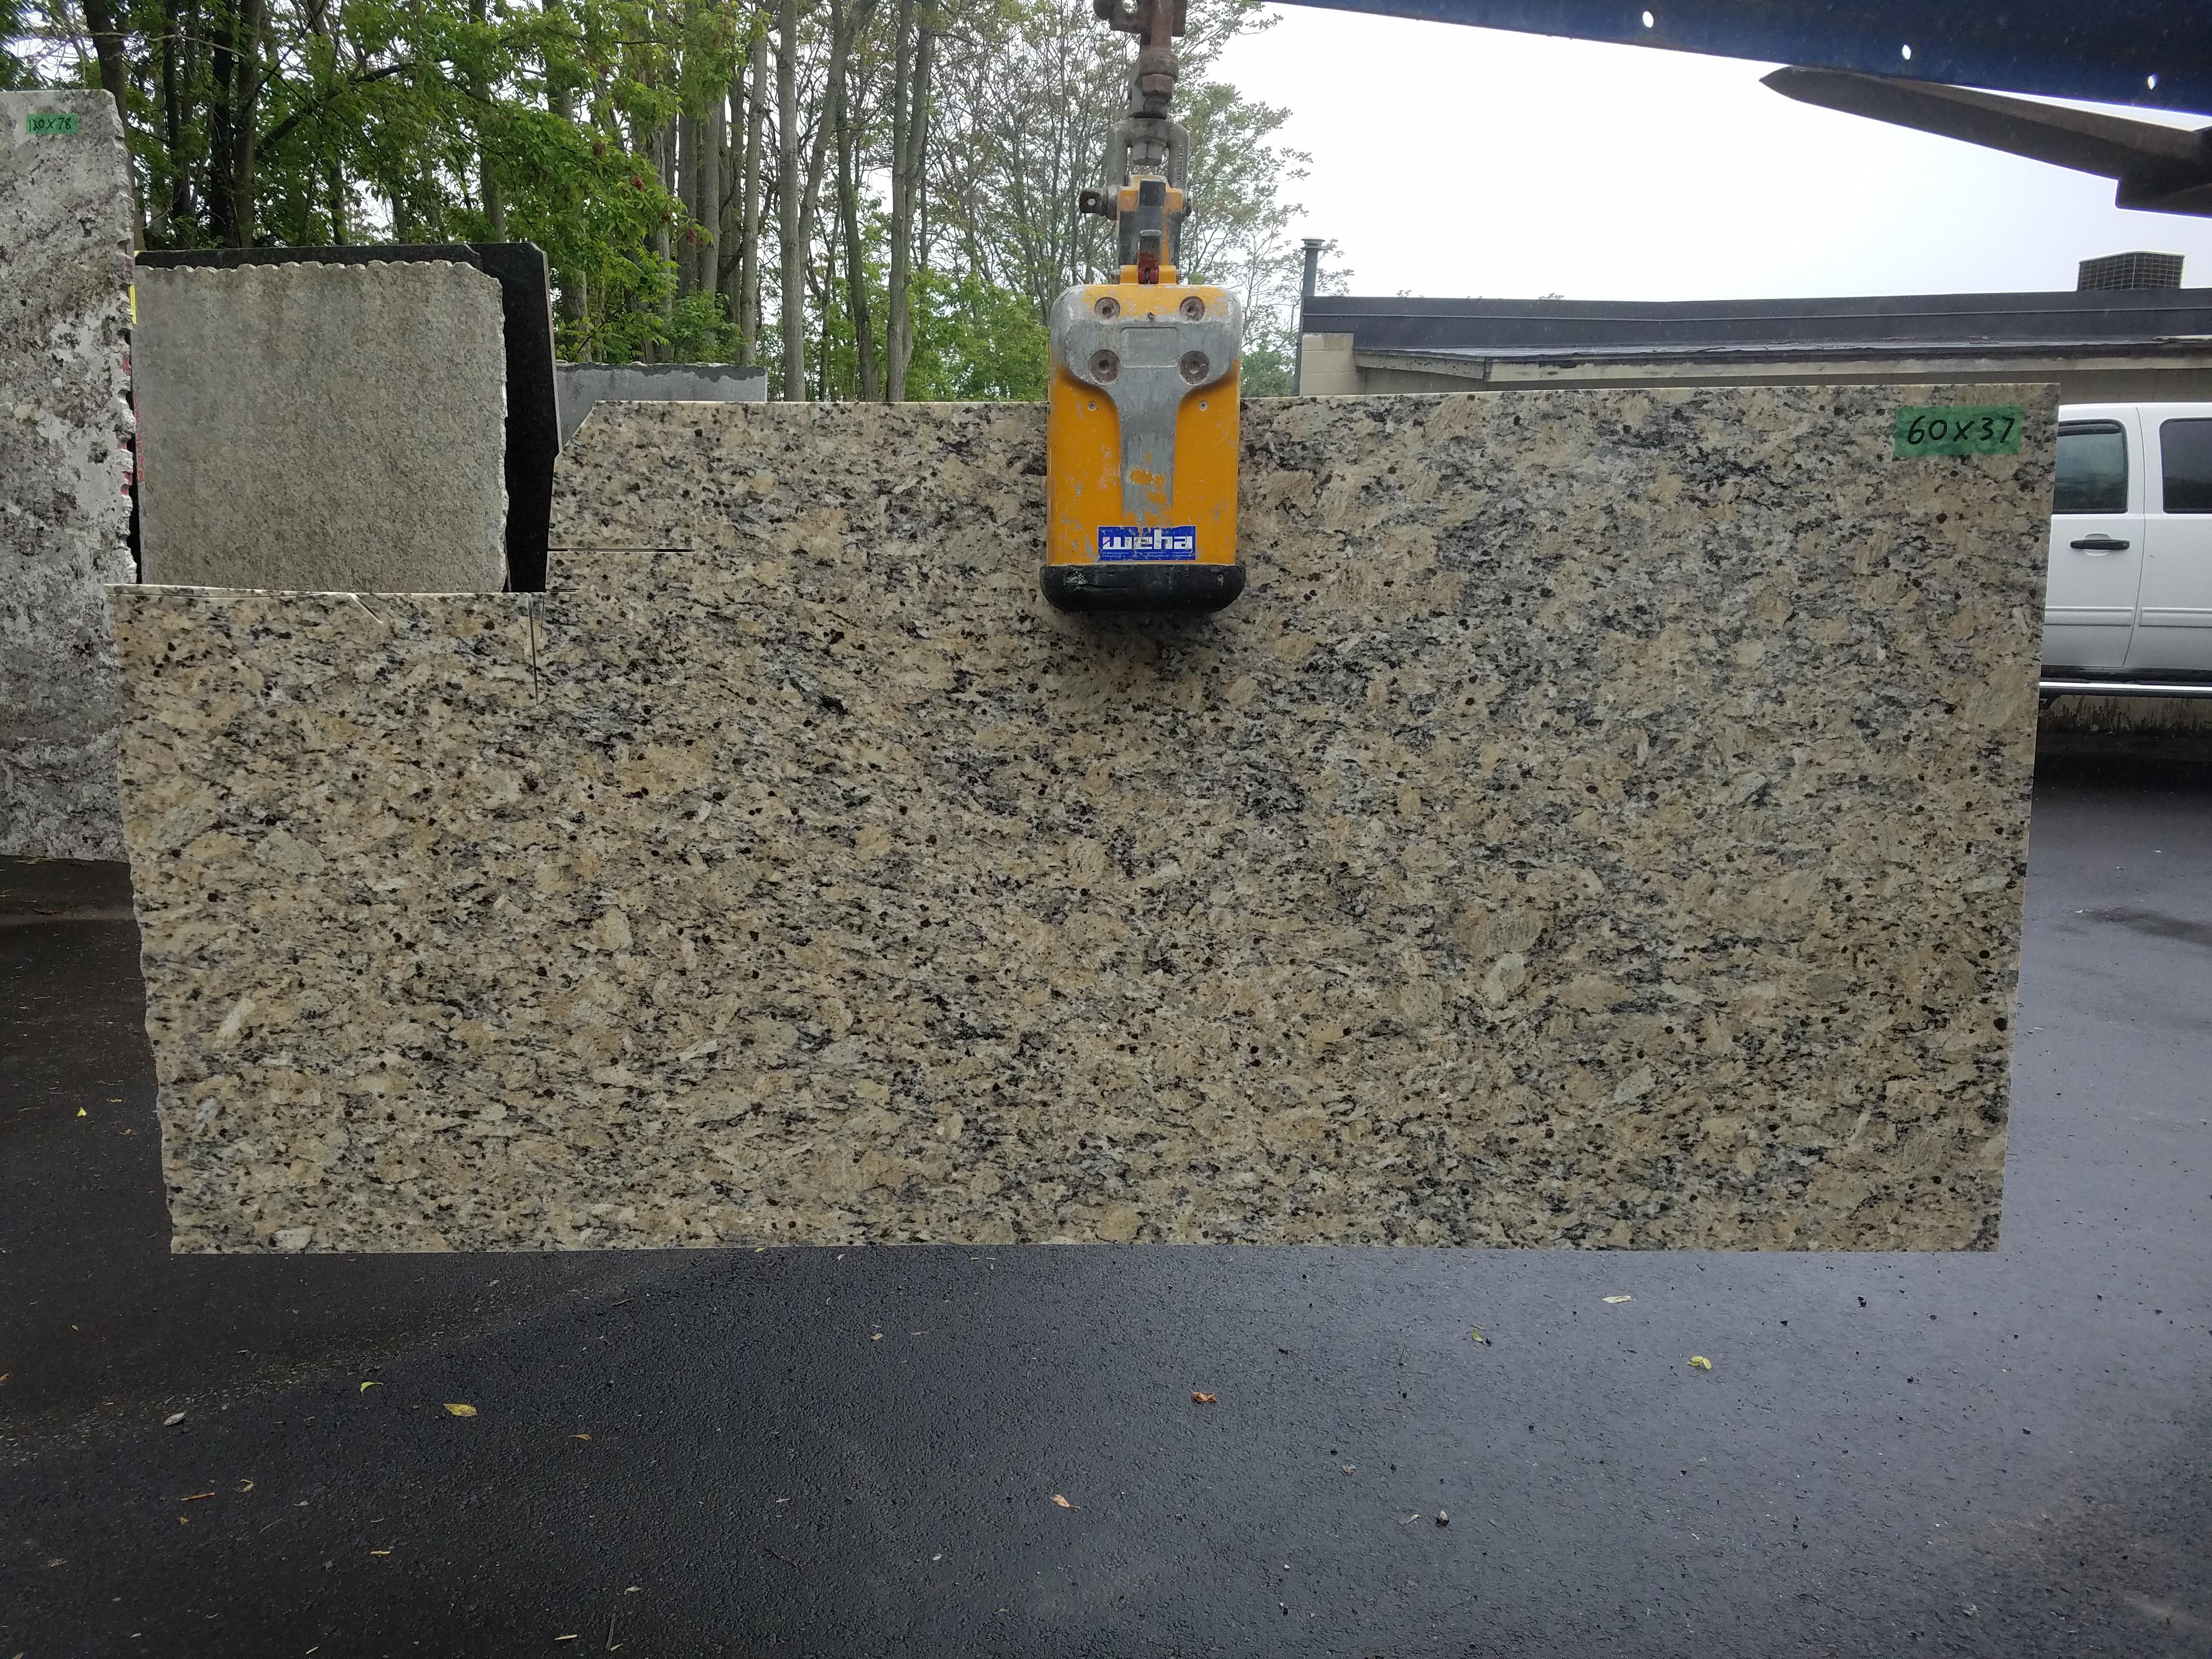 Granite 14 - 60 x 37